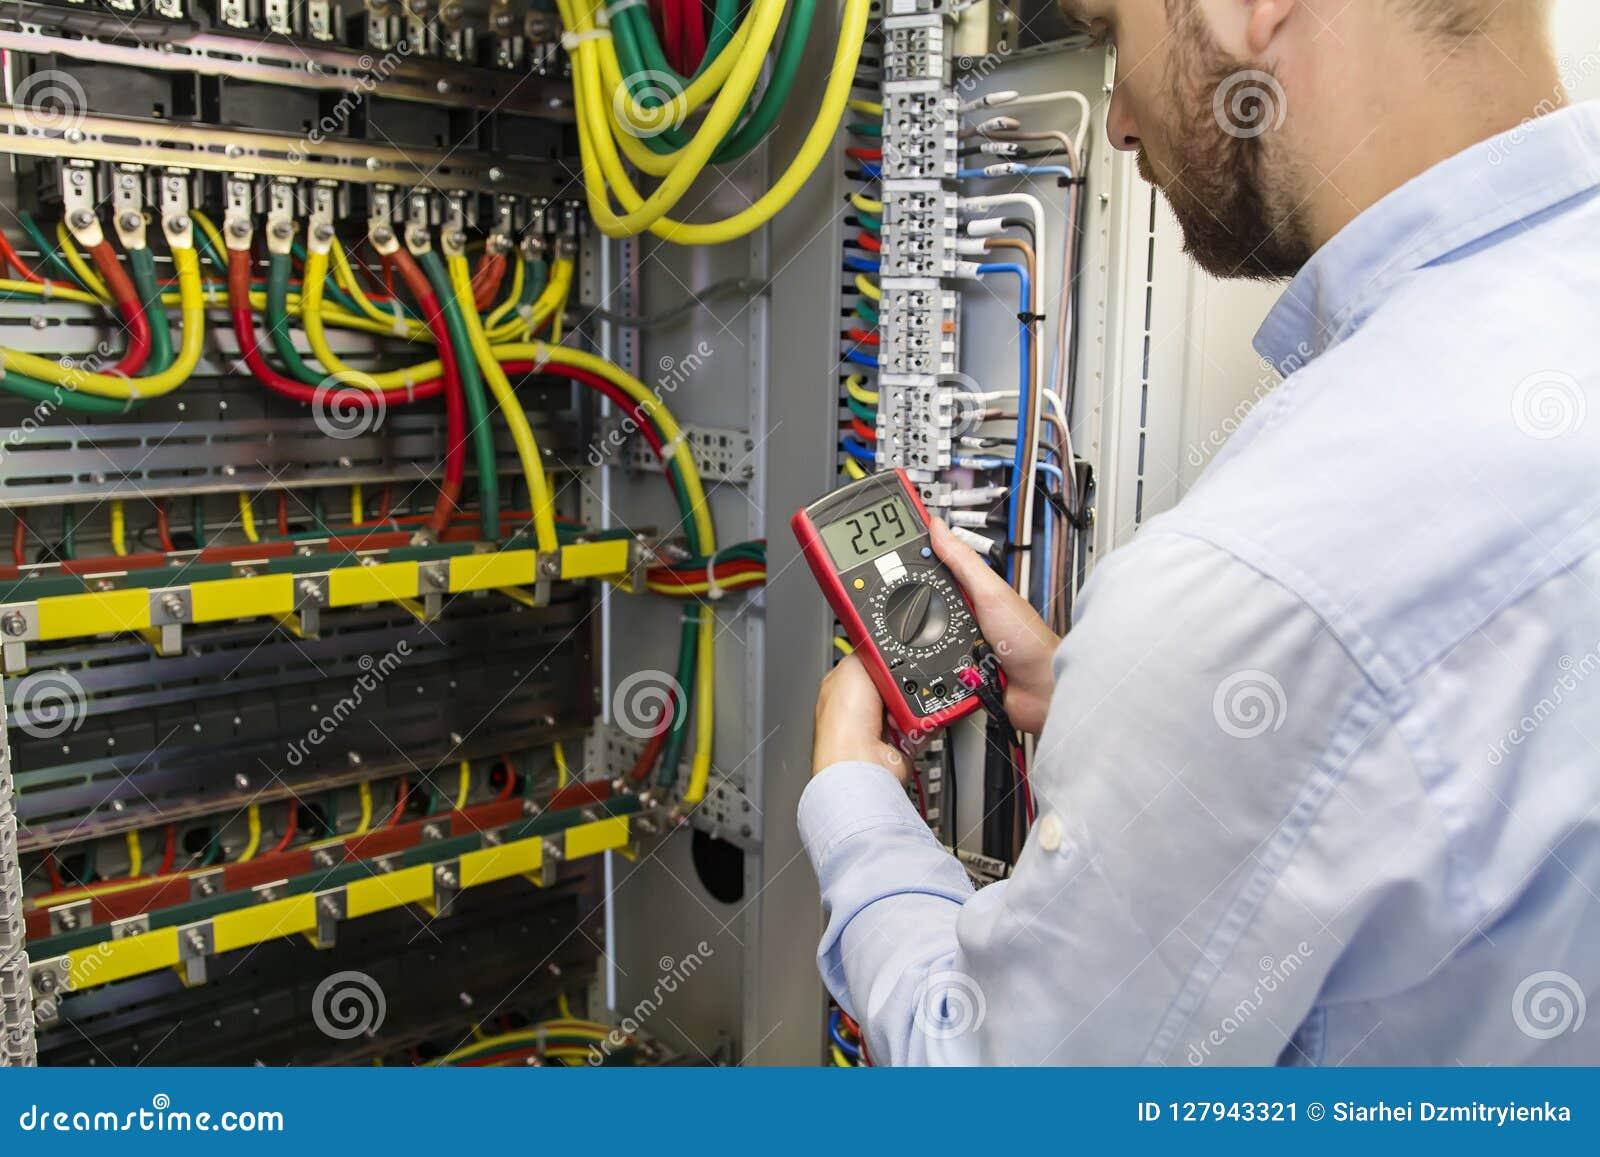 Elektryka inżyniera testowanie depeszuje związek wysokiej woltaż władzy elektryczna linia w przemysłowej dystrybucja lontu desce